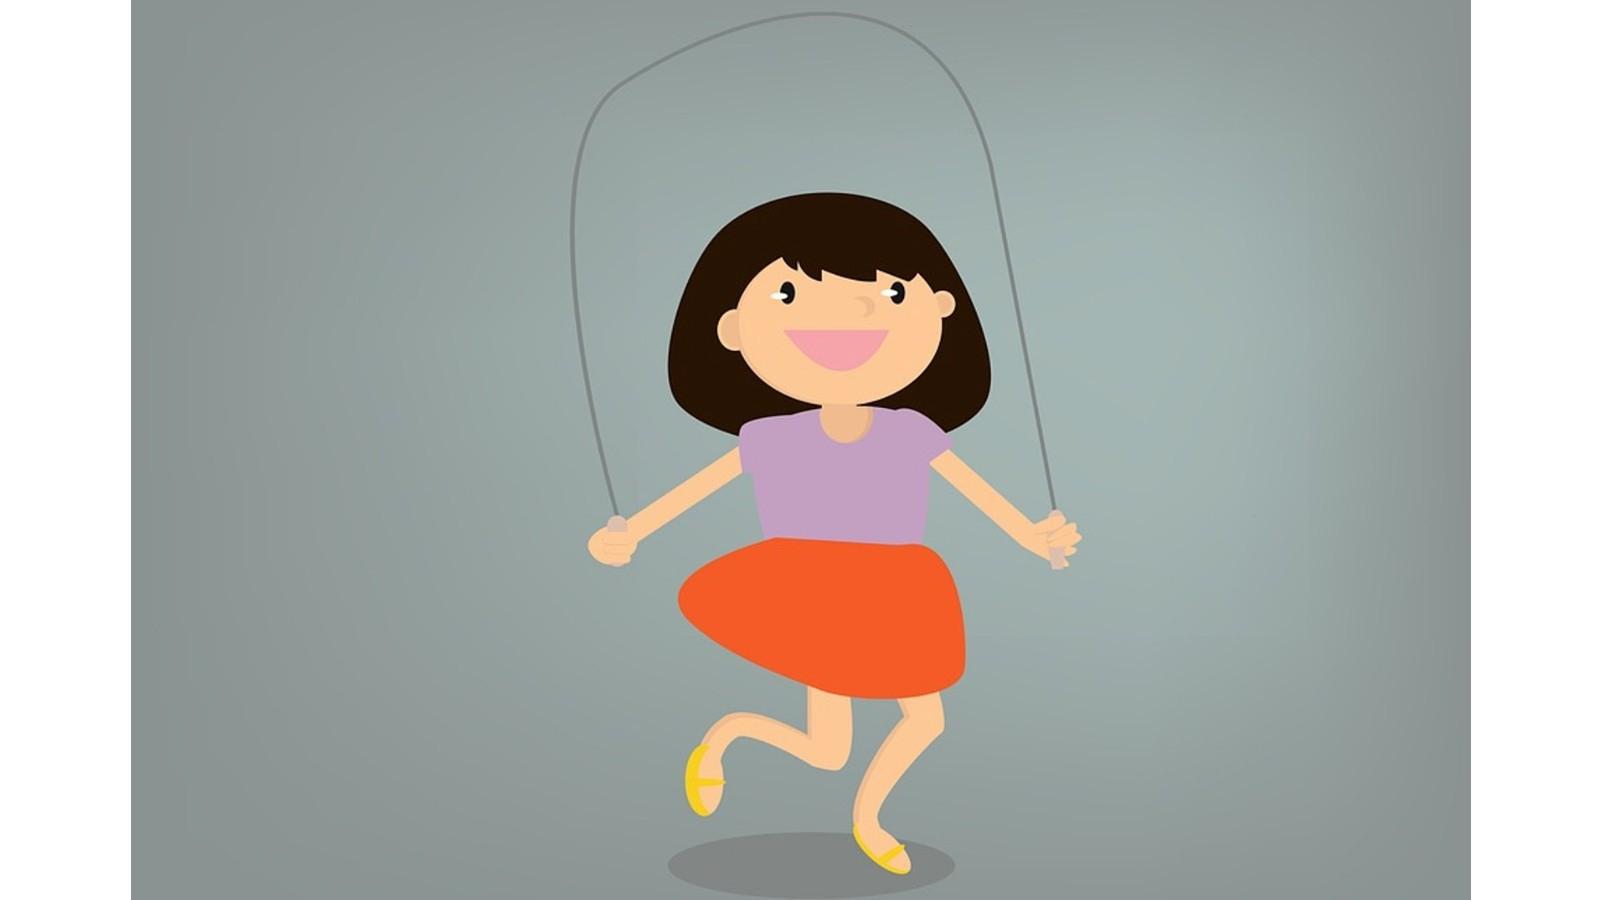 Bewegungsspiele Für Kinder: Die Besten Ideen | Focus.de mit Bewegungsspiele Für Kindergartenkinder